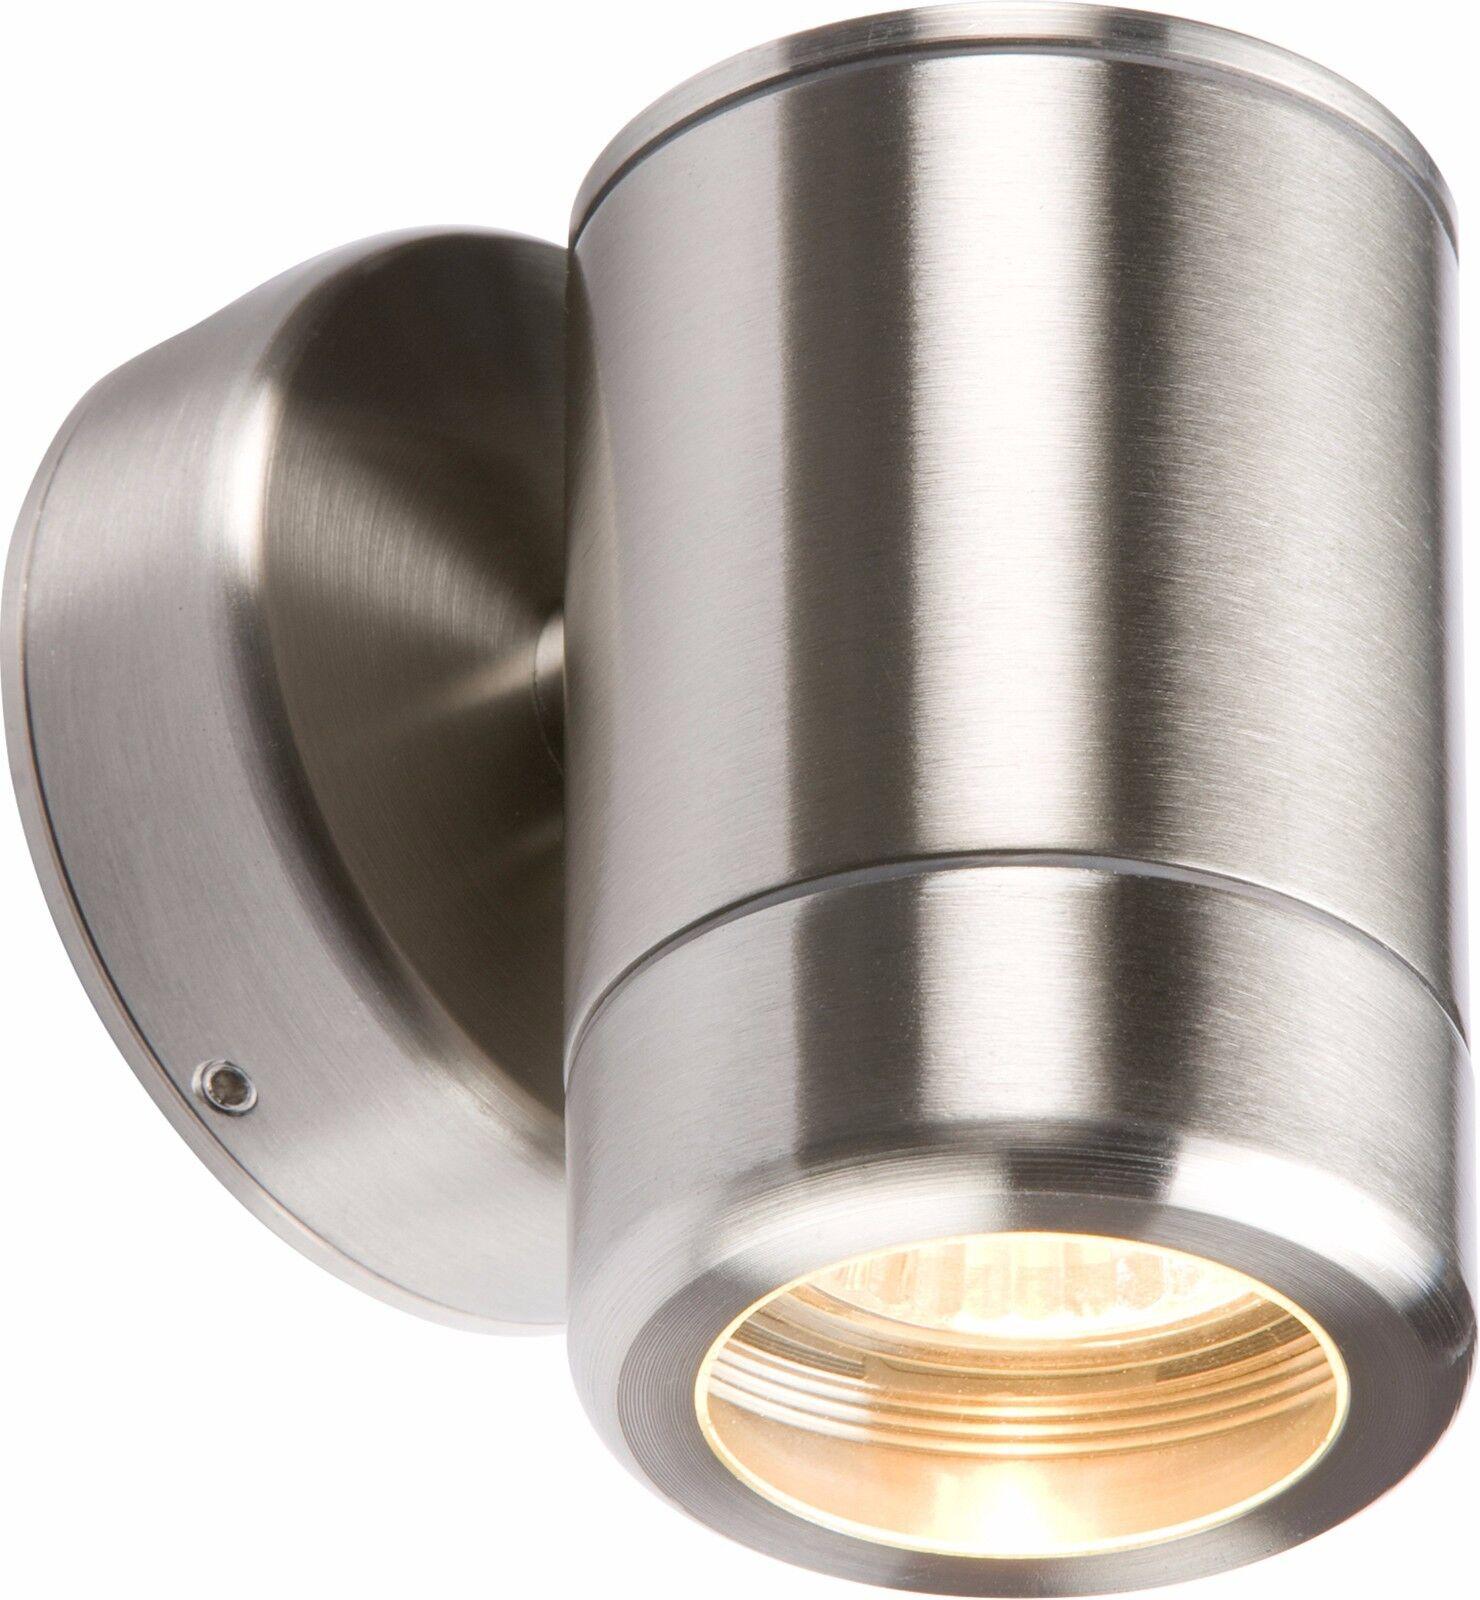 Knightsbridge 230V IP65 Leicht Edelstahl Stell Feste GU10 Led-Licht Led-Licht Led-Licht Passend | Kaufen  | Zart  | Vorzügliche Verarbeitung  38fe4b